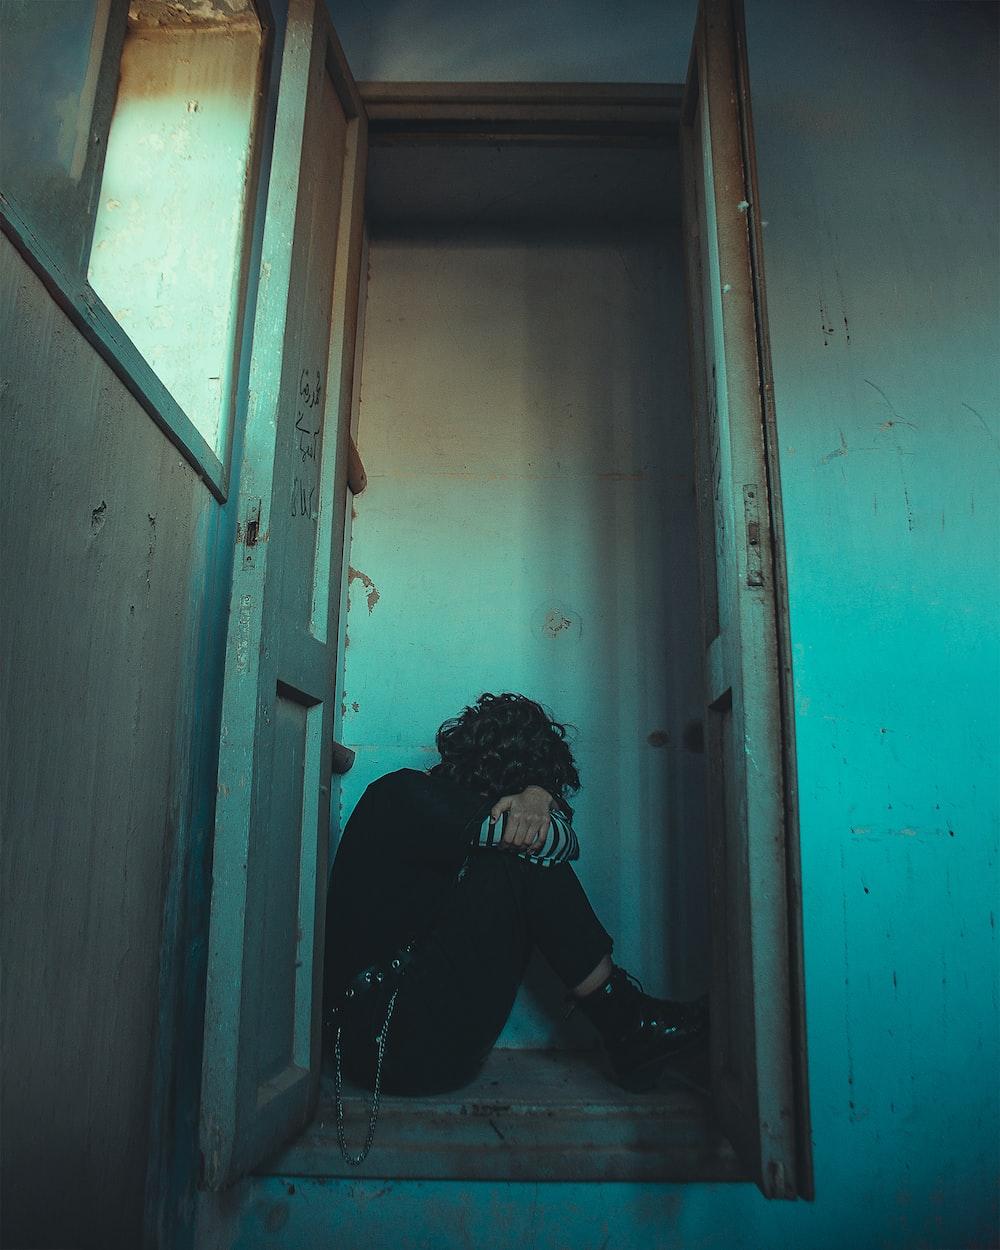 man in black jacket sitting on doorway